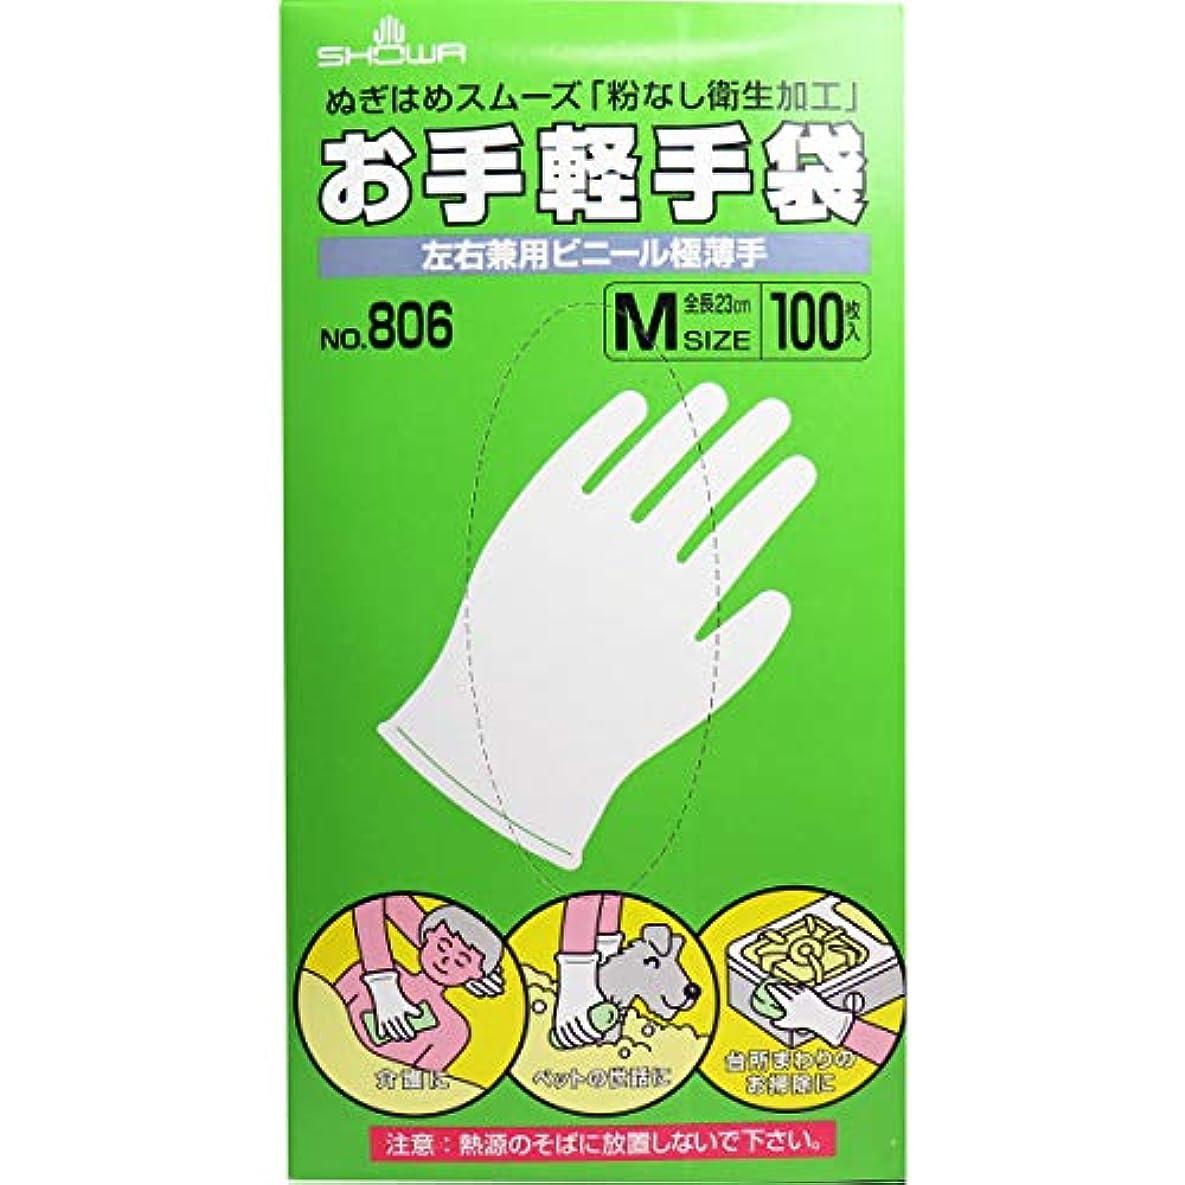 違反扇動する星お手軽手袋 No.806 左右兼用ビニール極薄手 粉なし Mサイズ 100枚入×2個セット